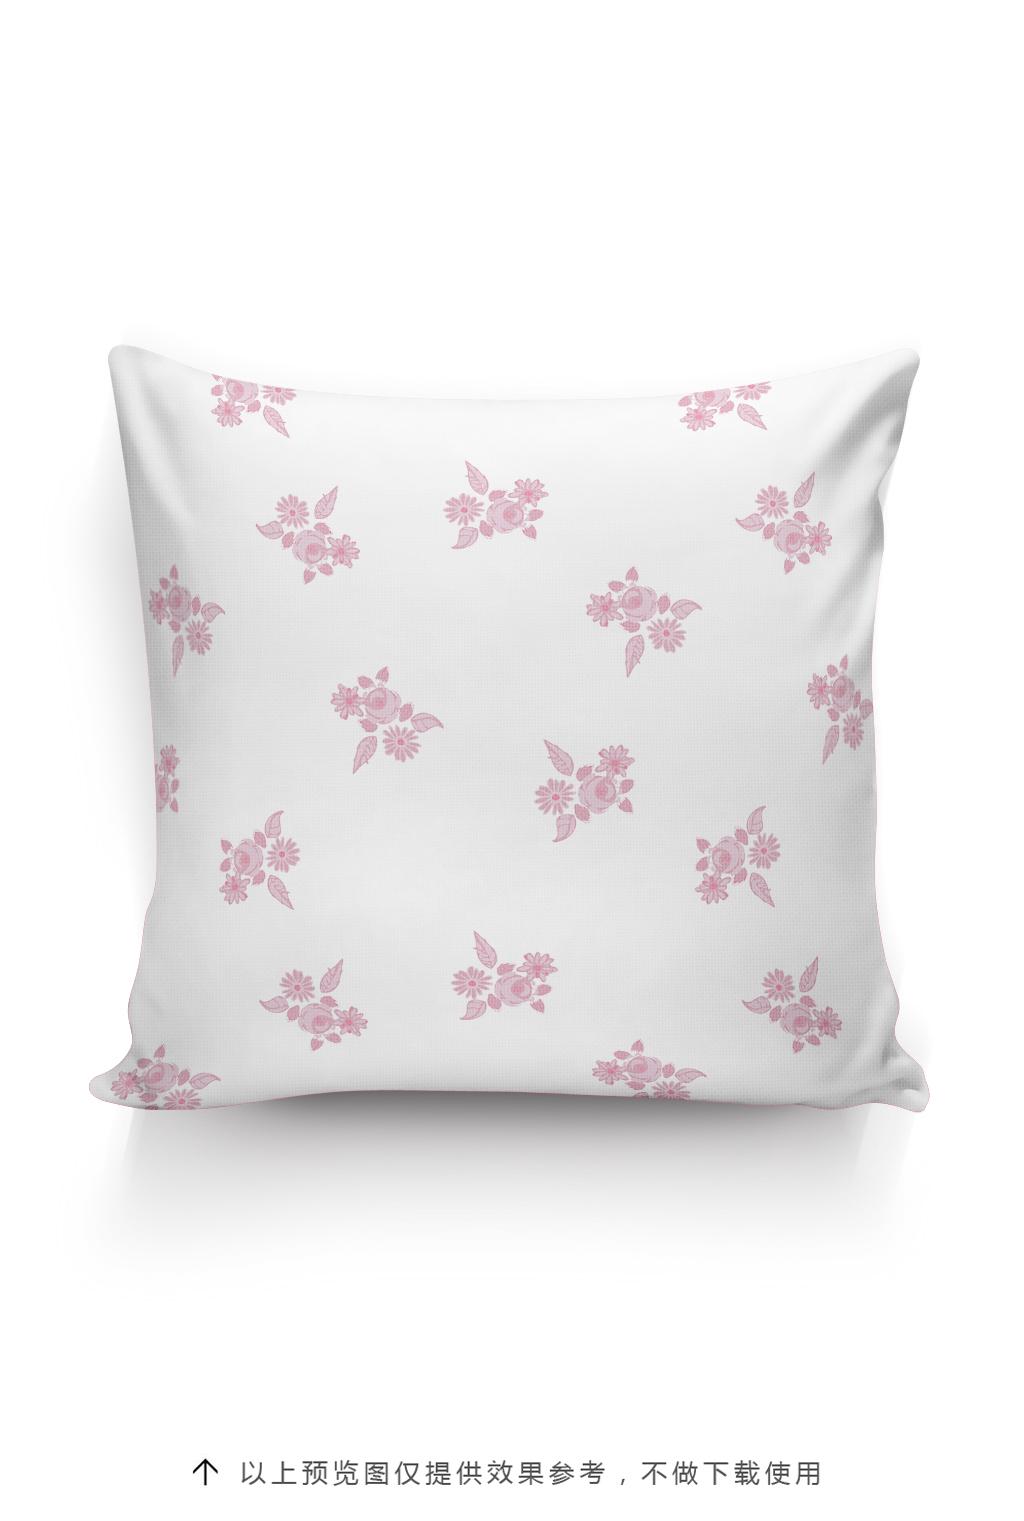 植物花卉抱枕图案北欧风格